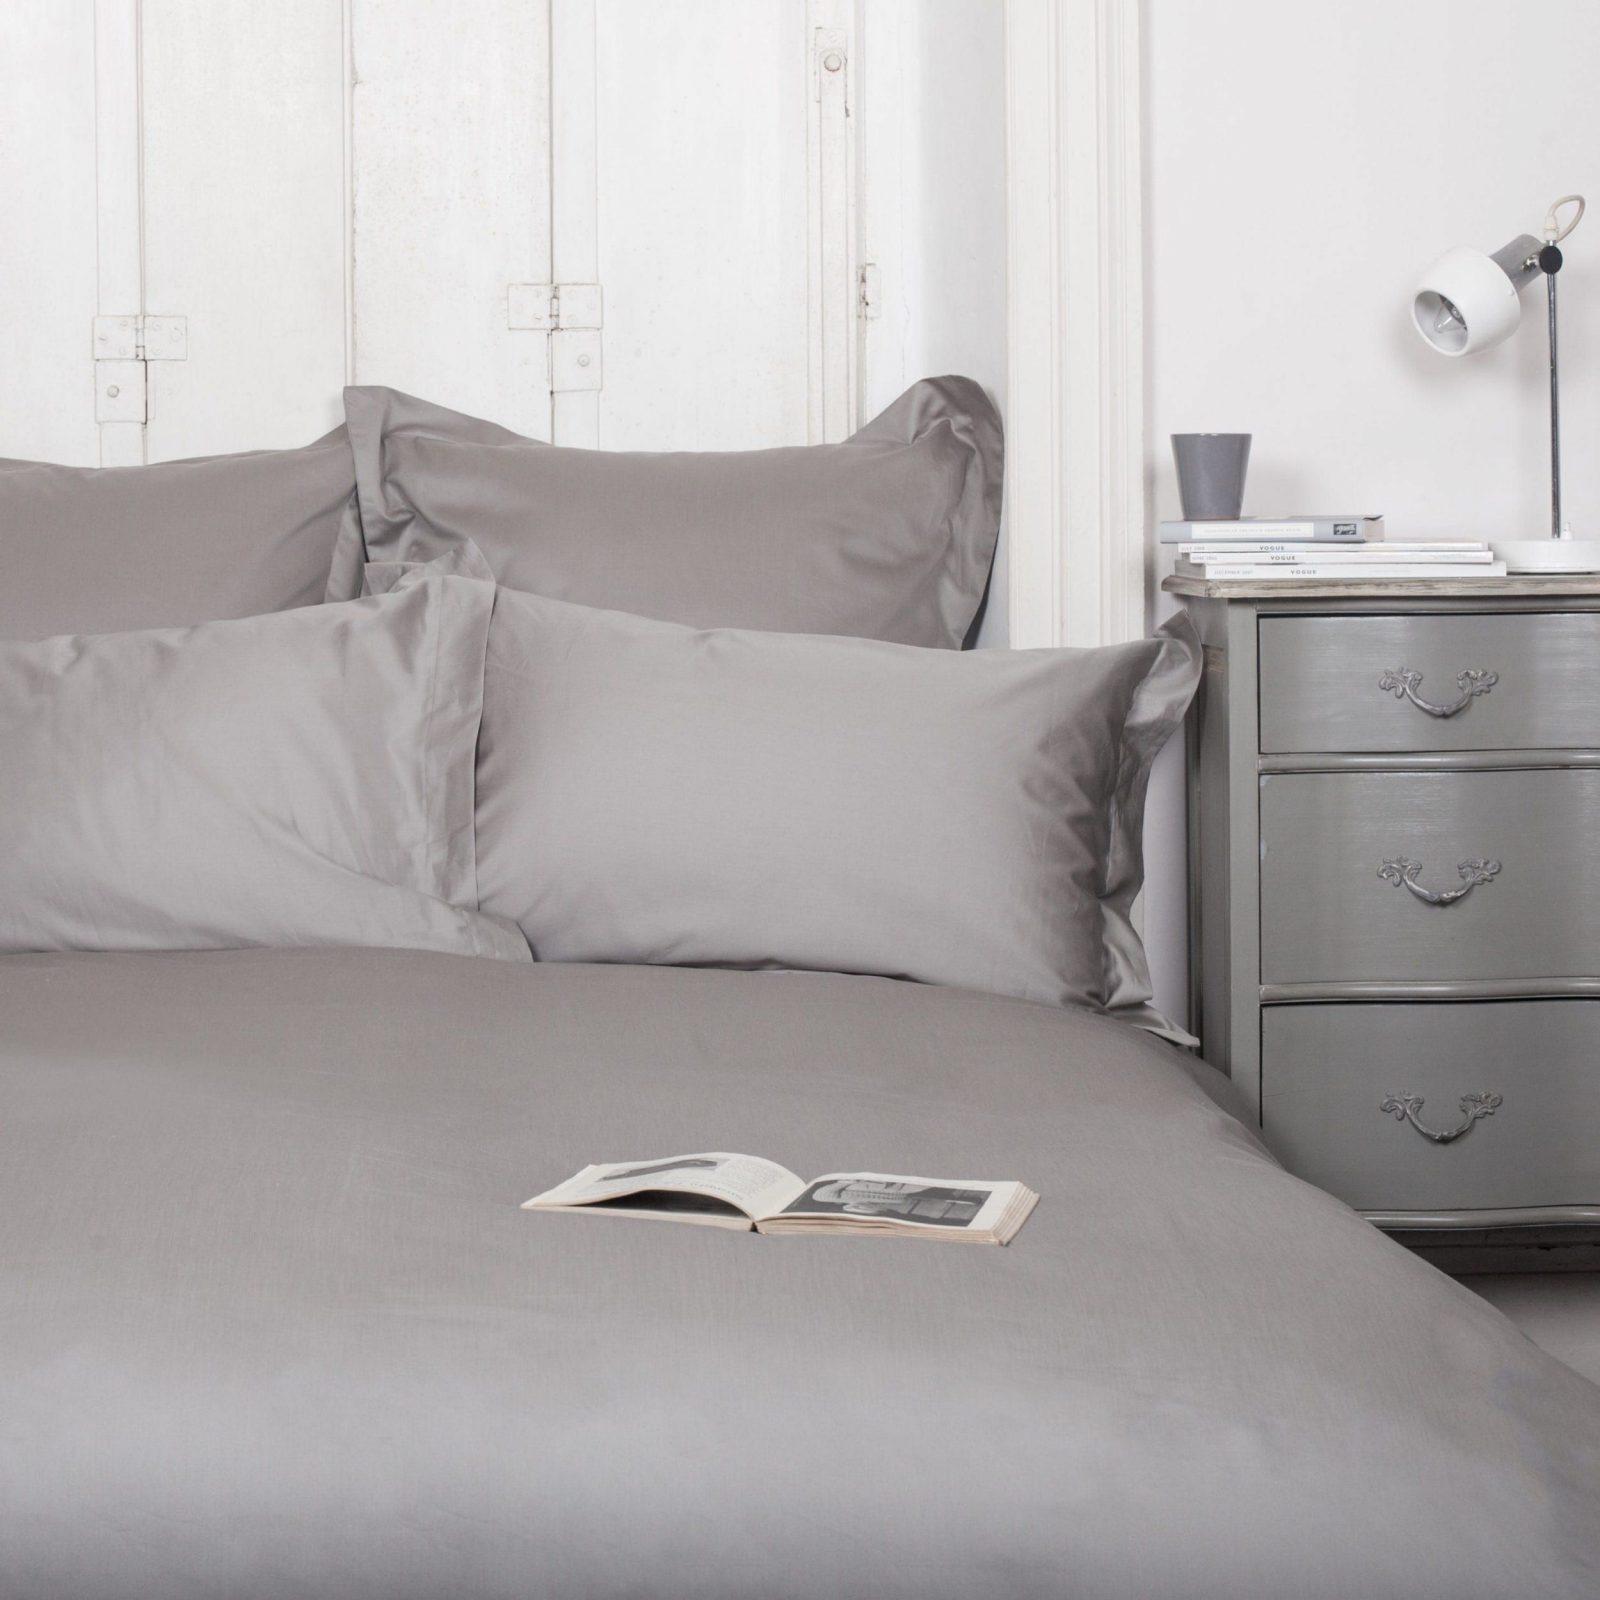 Bettwäscheset Soft Grey von Erwin Müller Hotelbettwäsche Bild